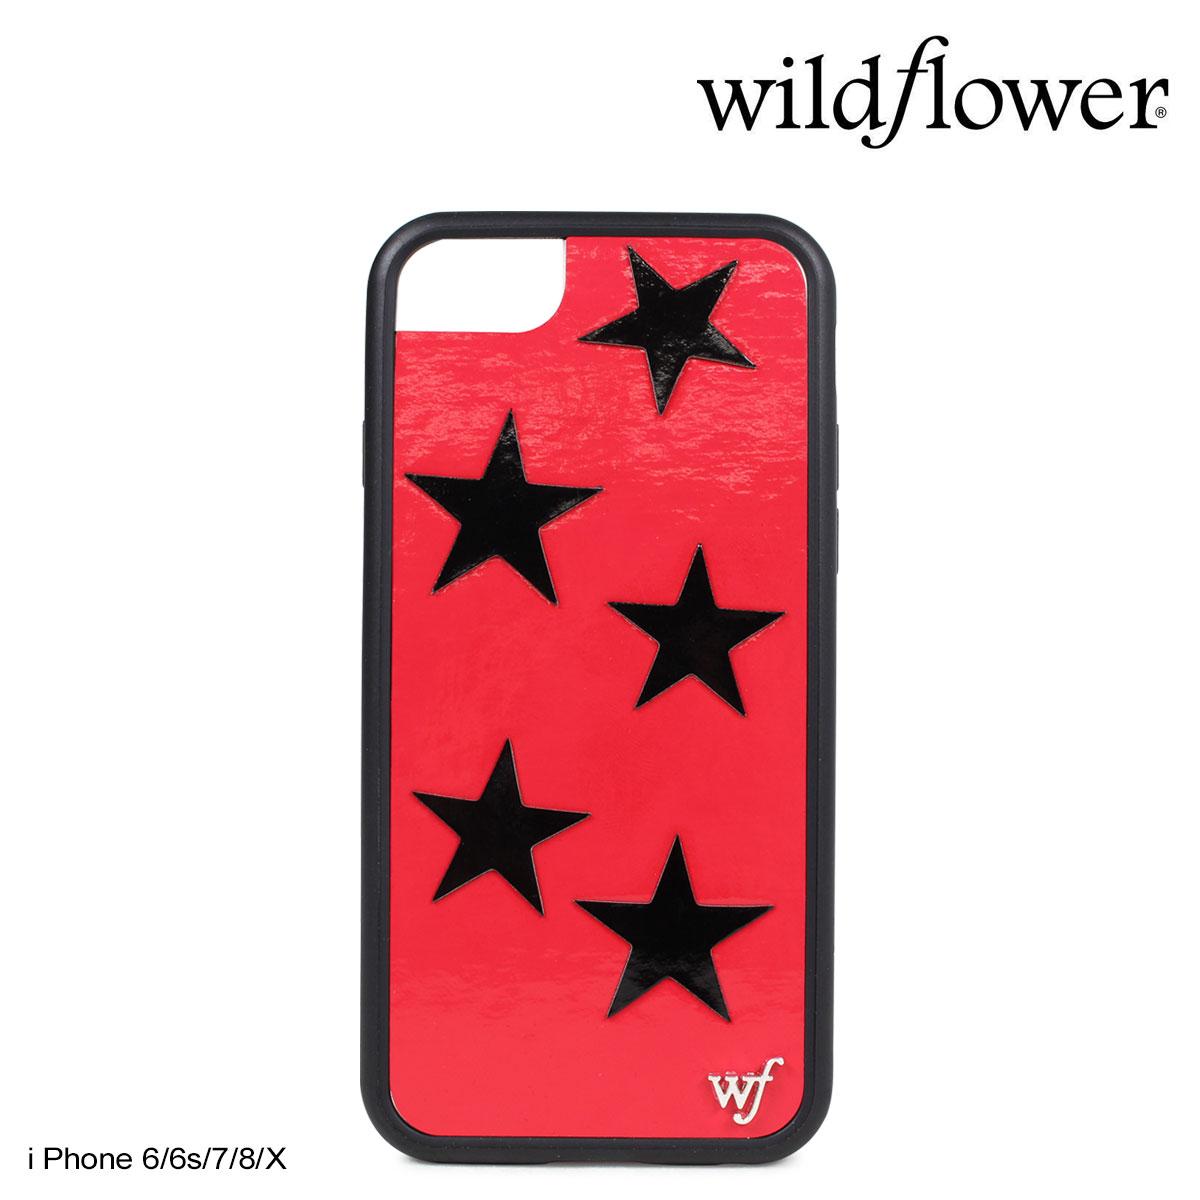 wildflower ワイルドフラワー iPhone8 SE X 7 6 6s ケース スマホ 携帯 アイフォン レディース スター レッド RVIN ネコポス可